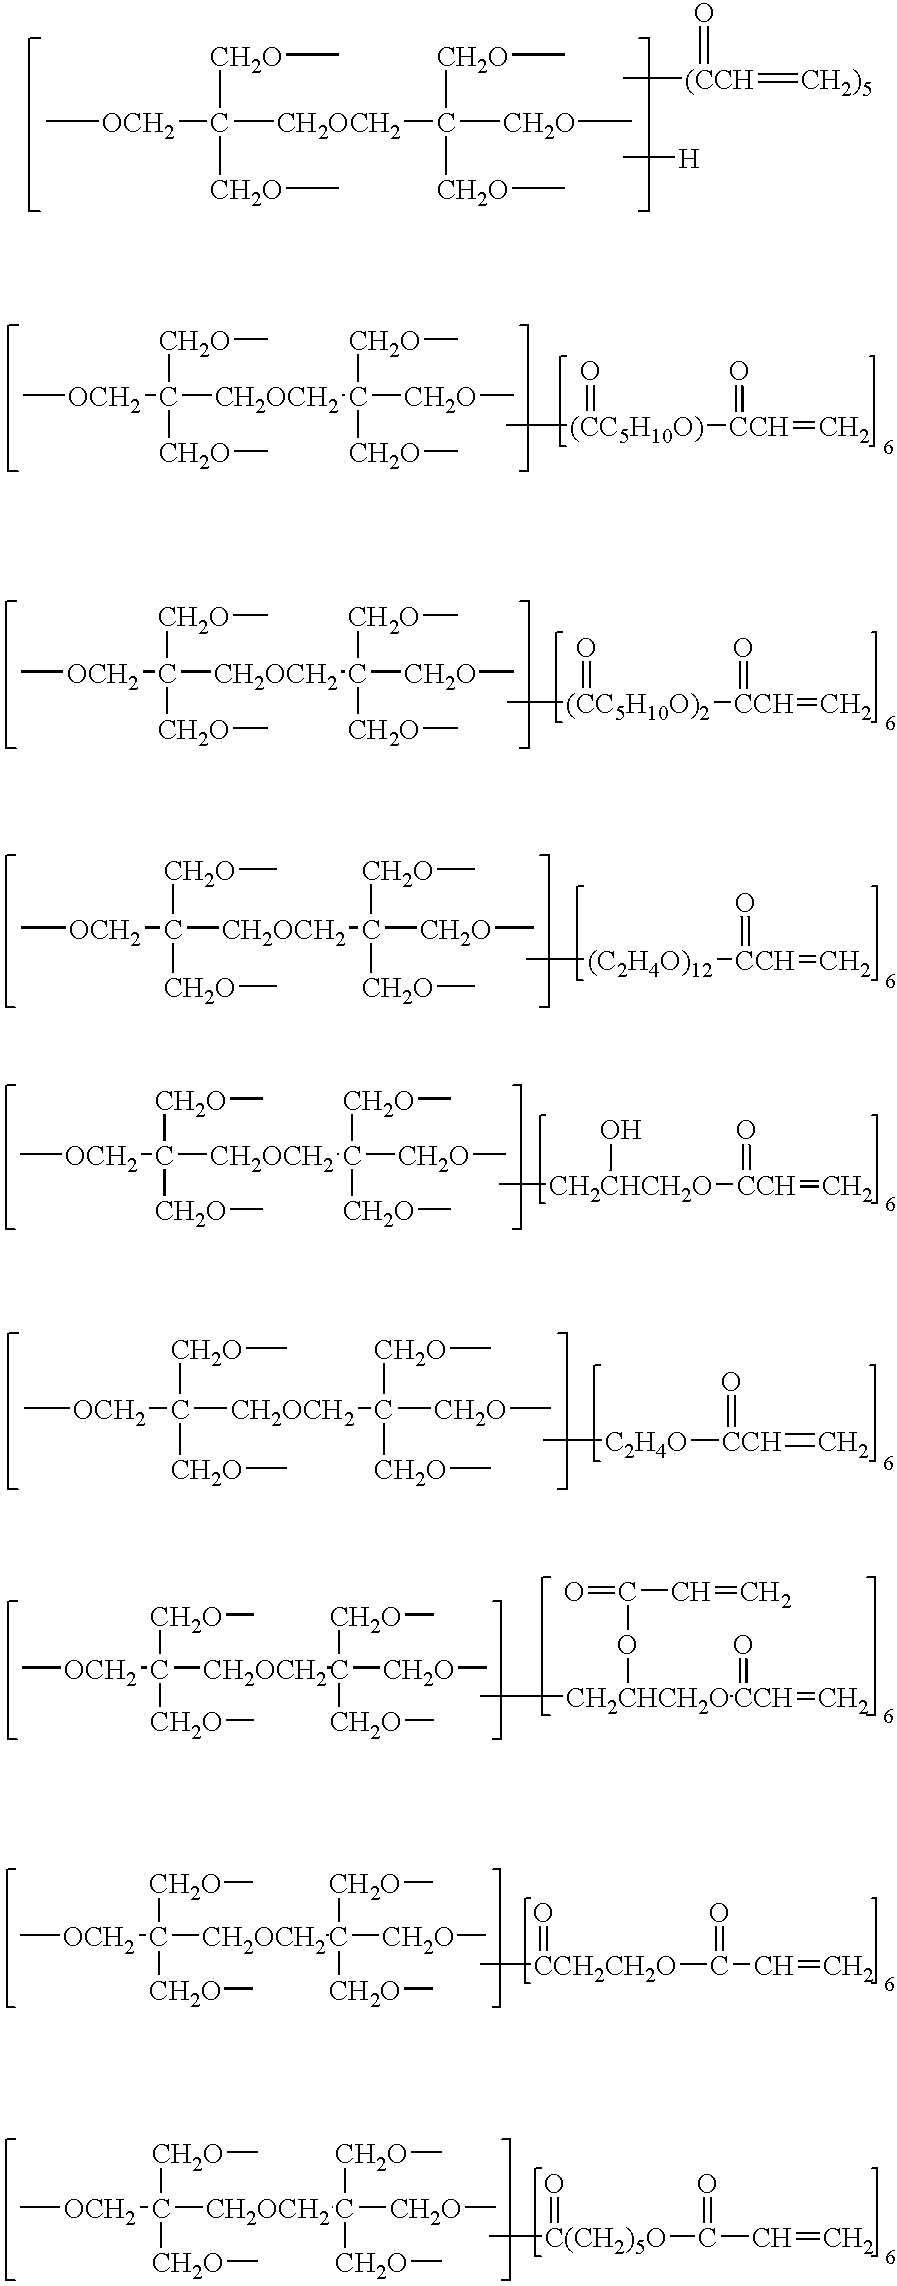 Figure US20050158641A1-20050721-C00010